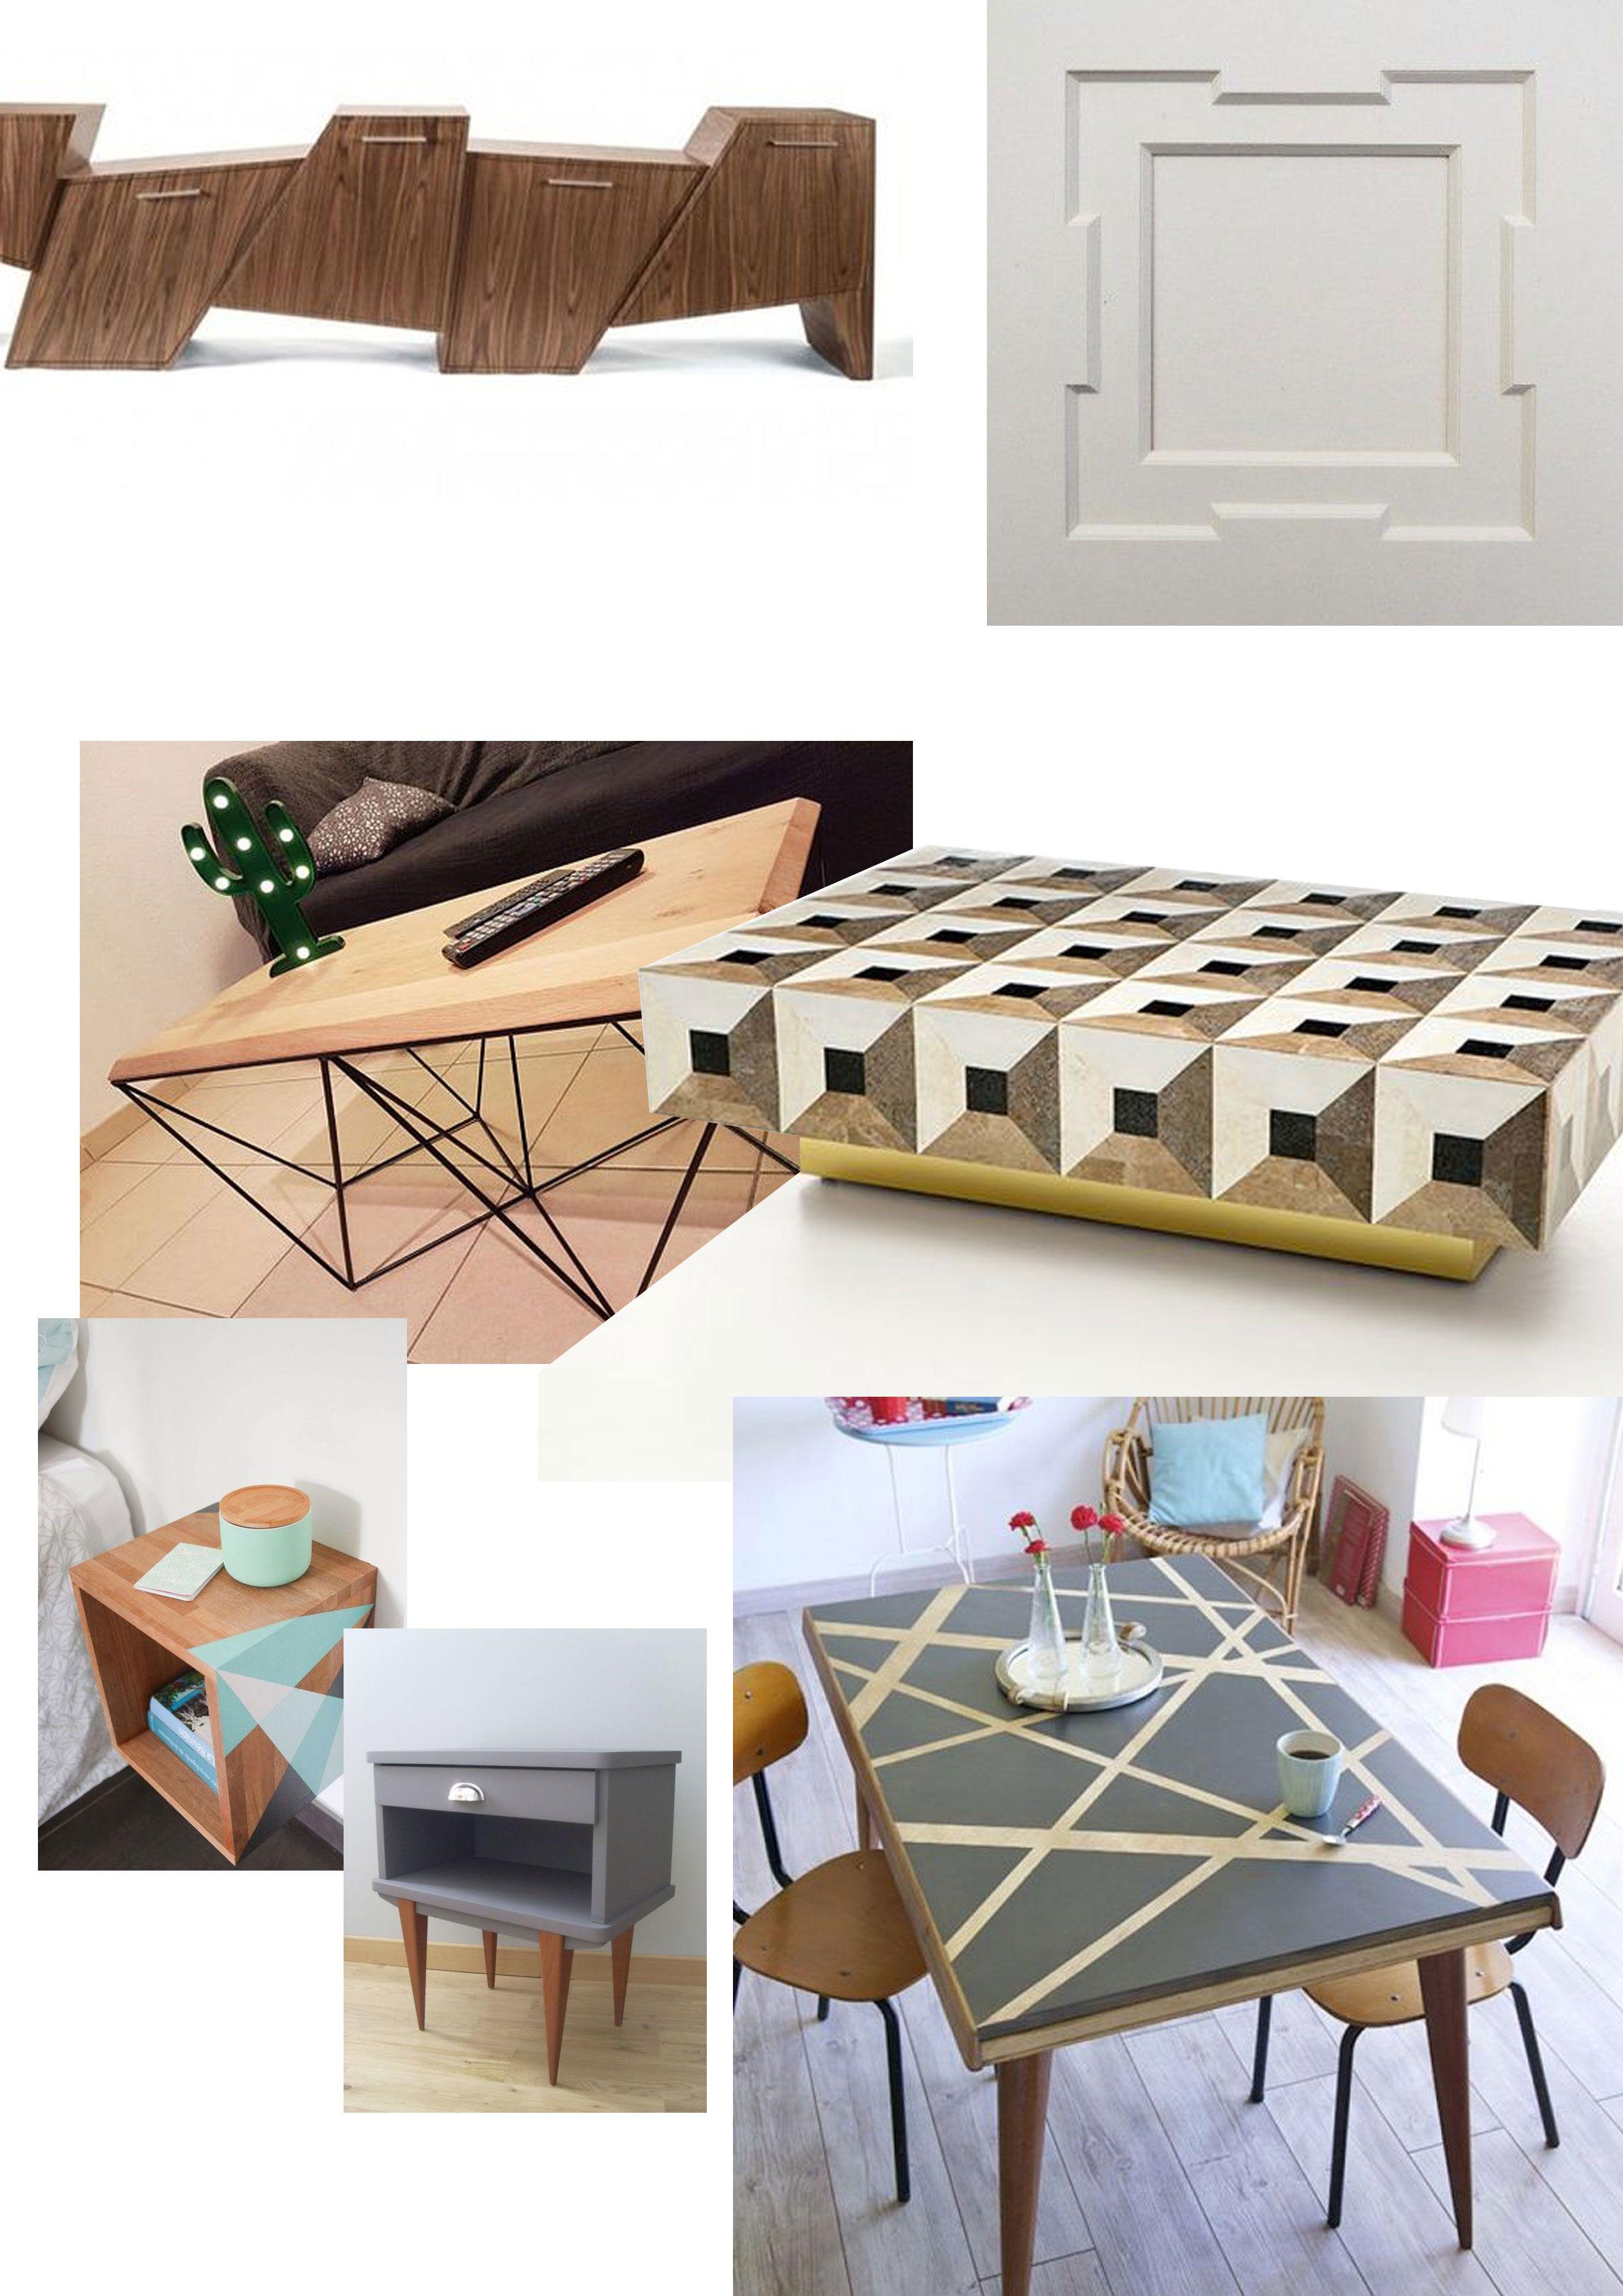 Inspirations Structures Pour La Collection Stockholm Des Meubles A La Structure Marquee Par Des Angles Di Meuble Haut De Gamme Mobilier De Salon Table Basse